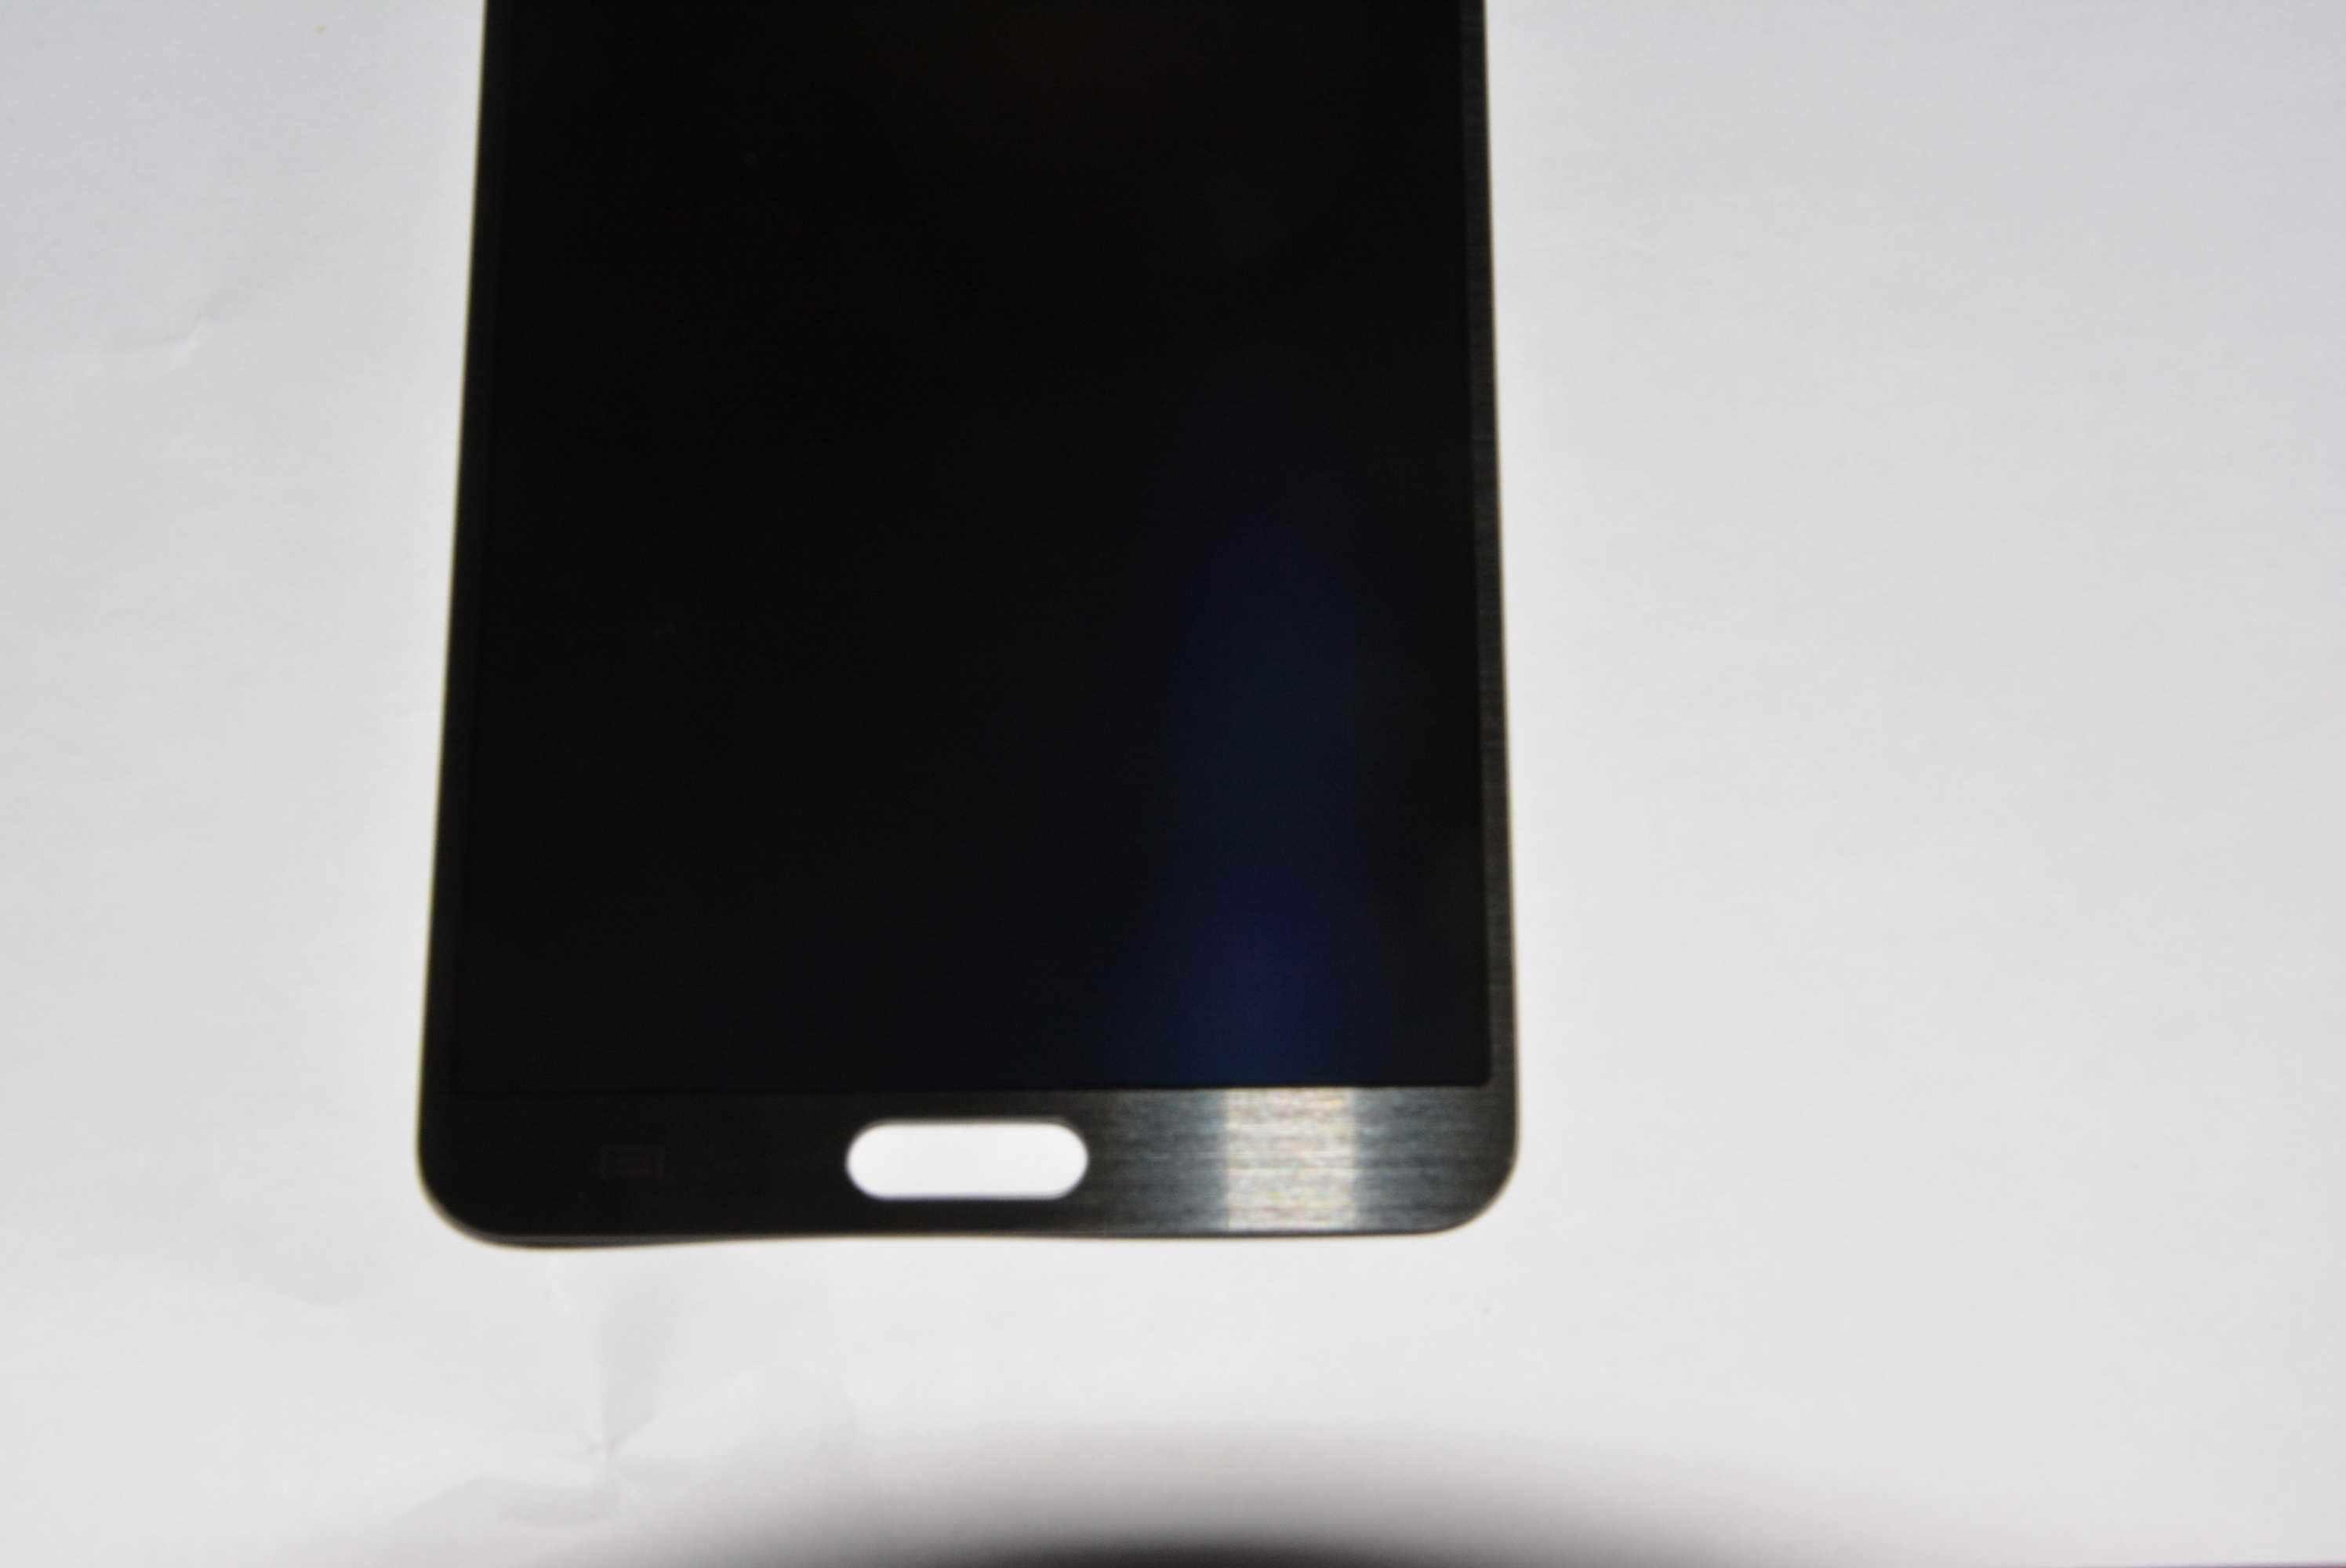 La façade du Samsung Galaxy Note III en fuite